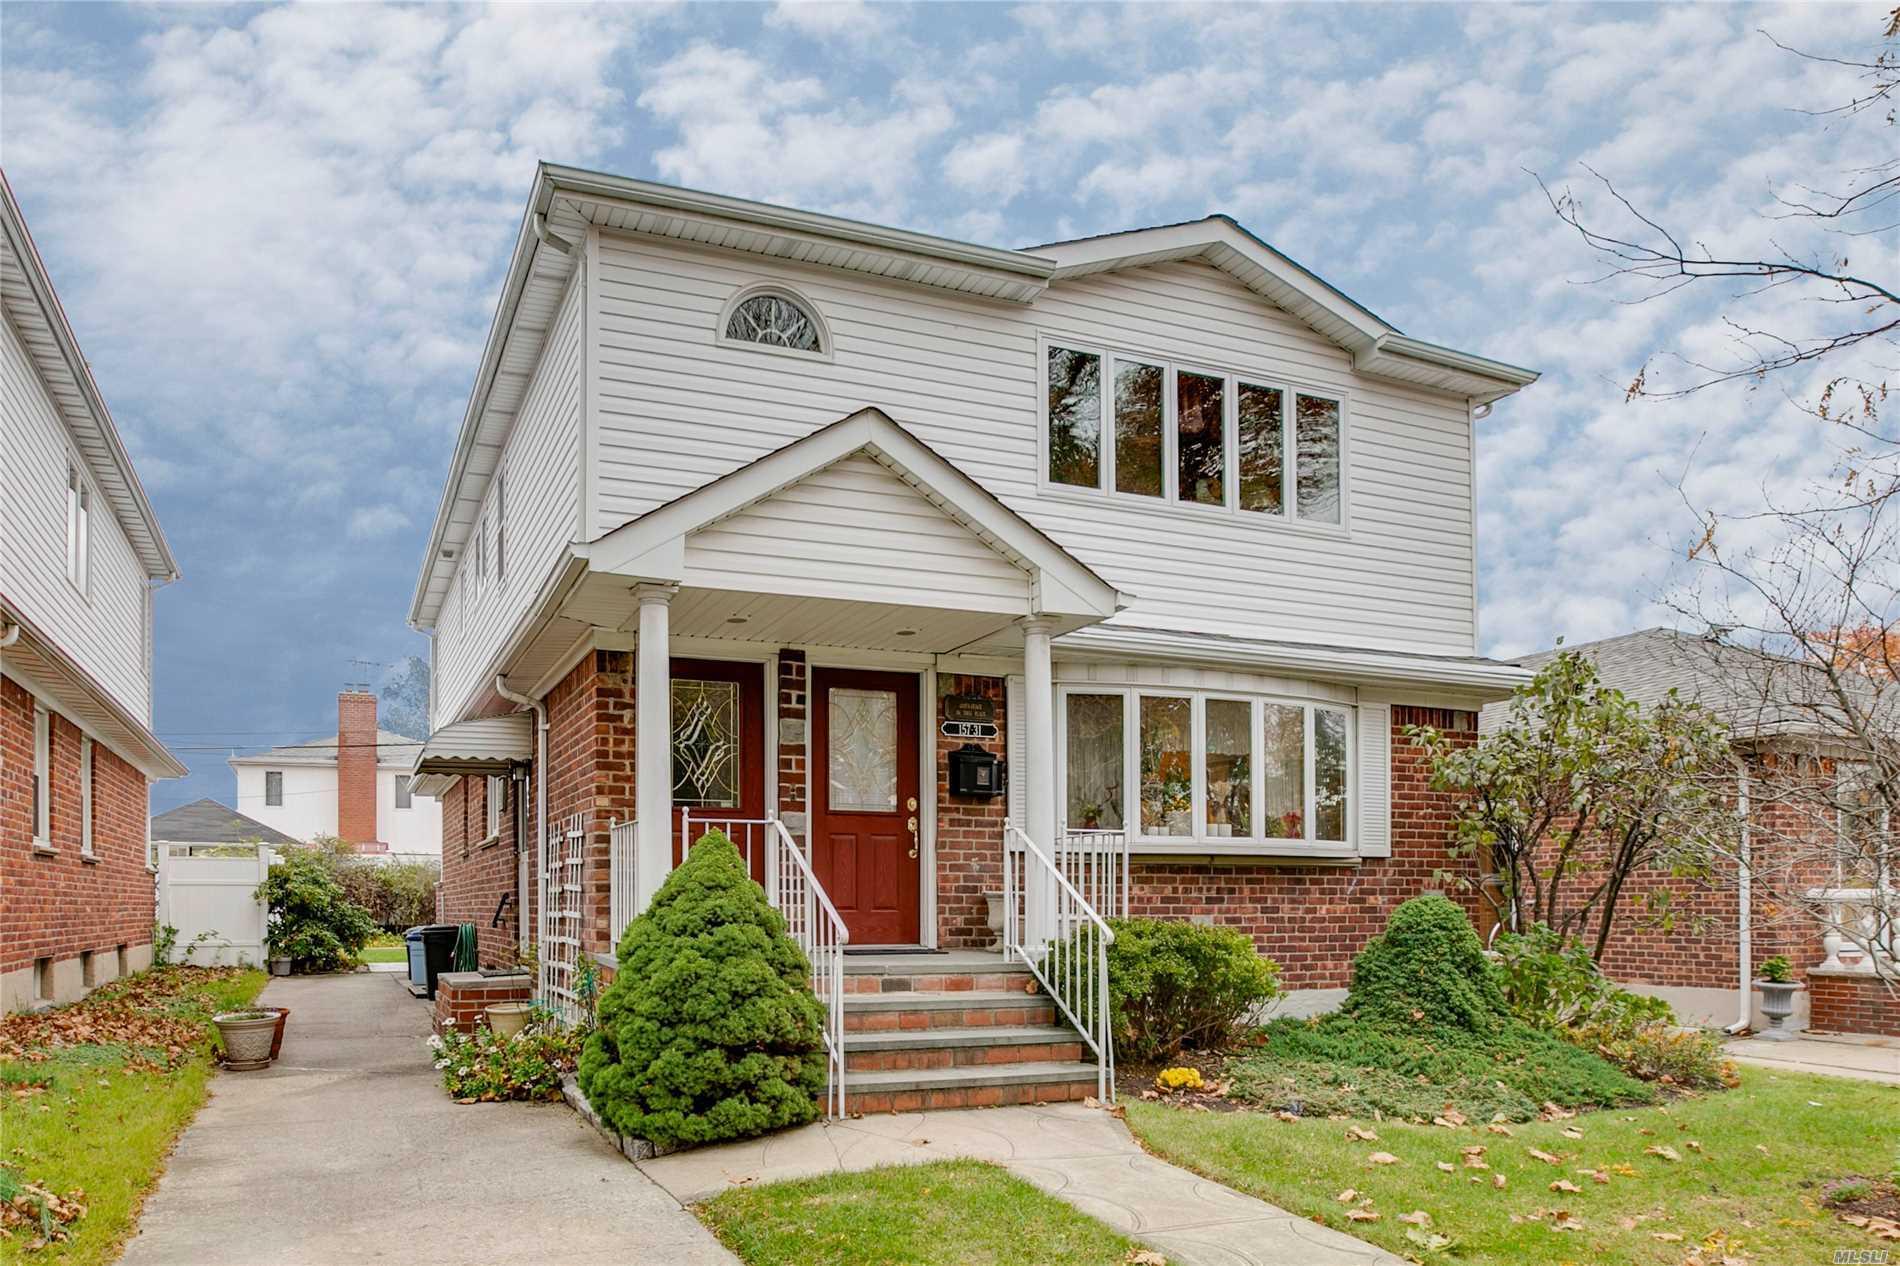 157-31 16th Rd Whitestone, NY 11357